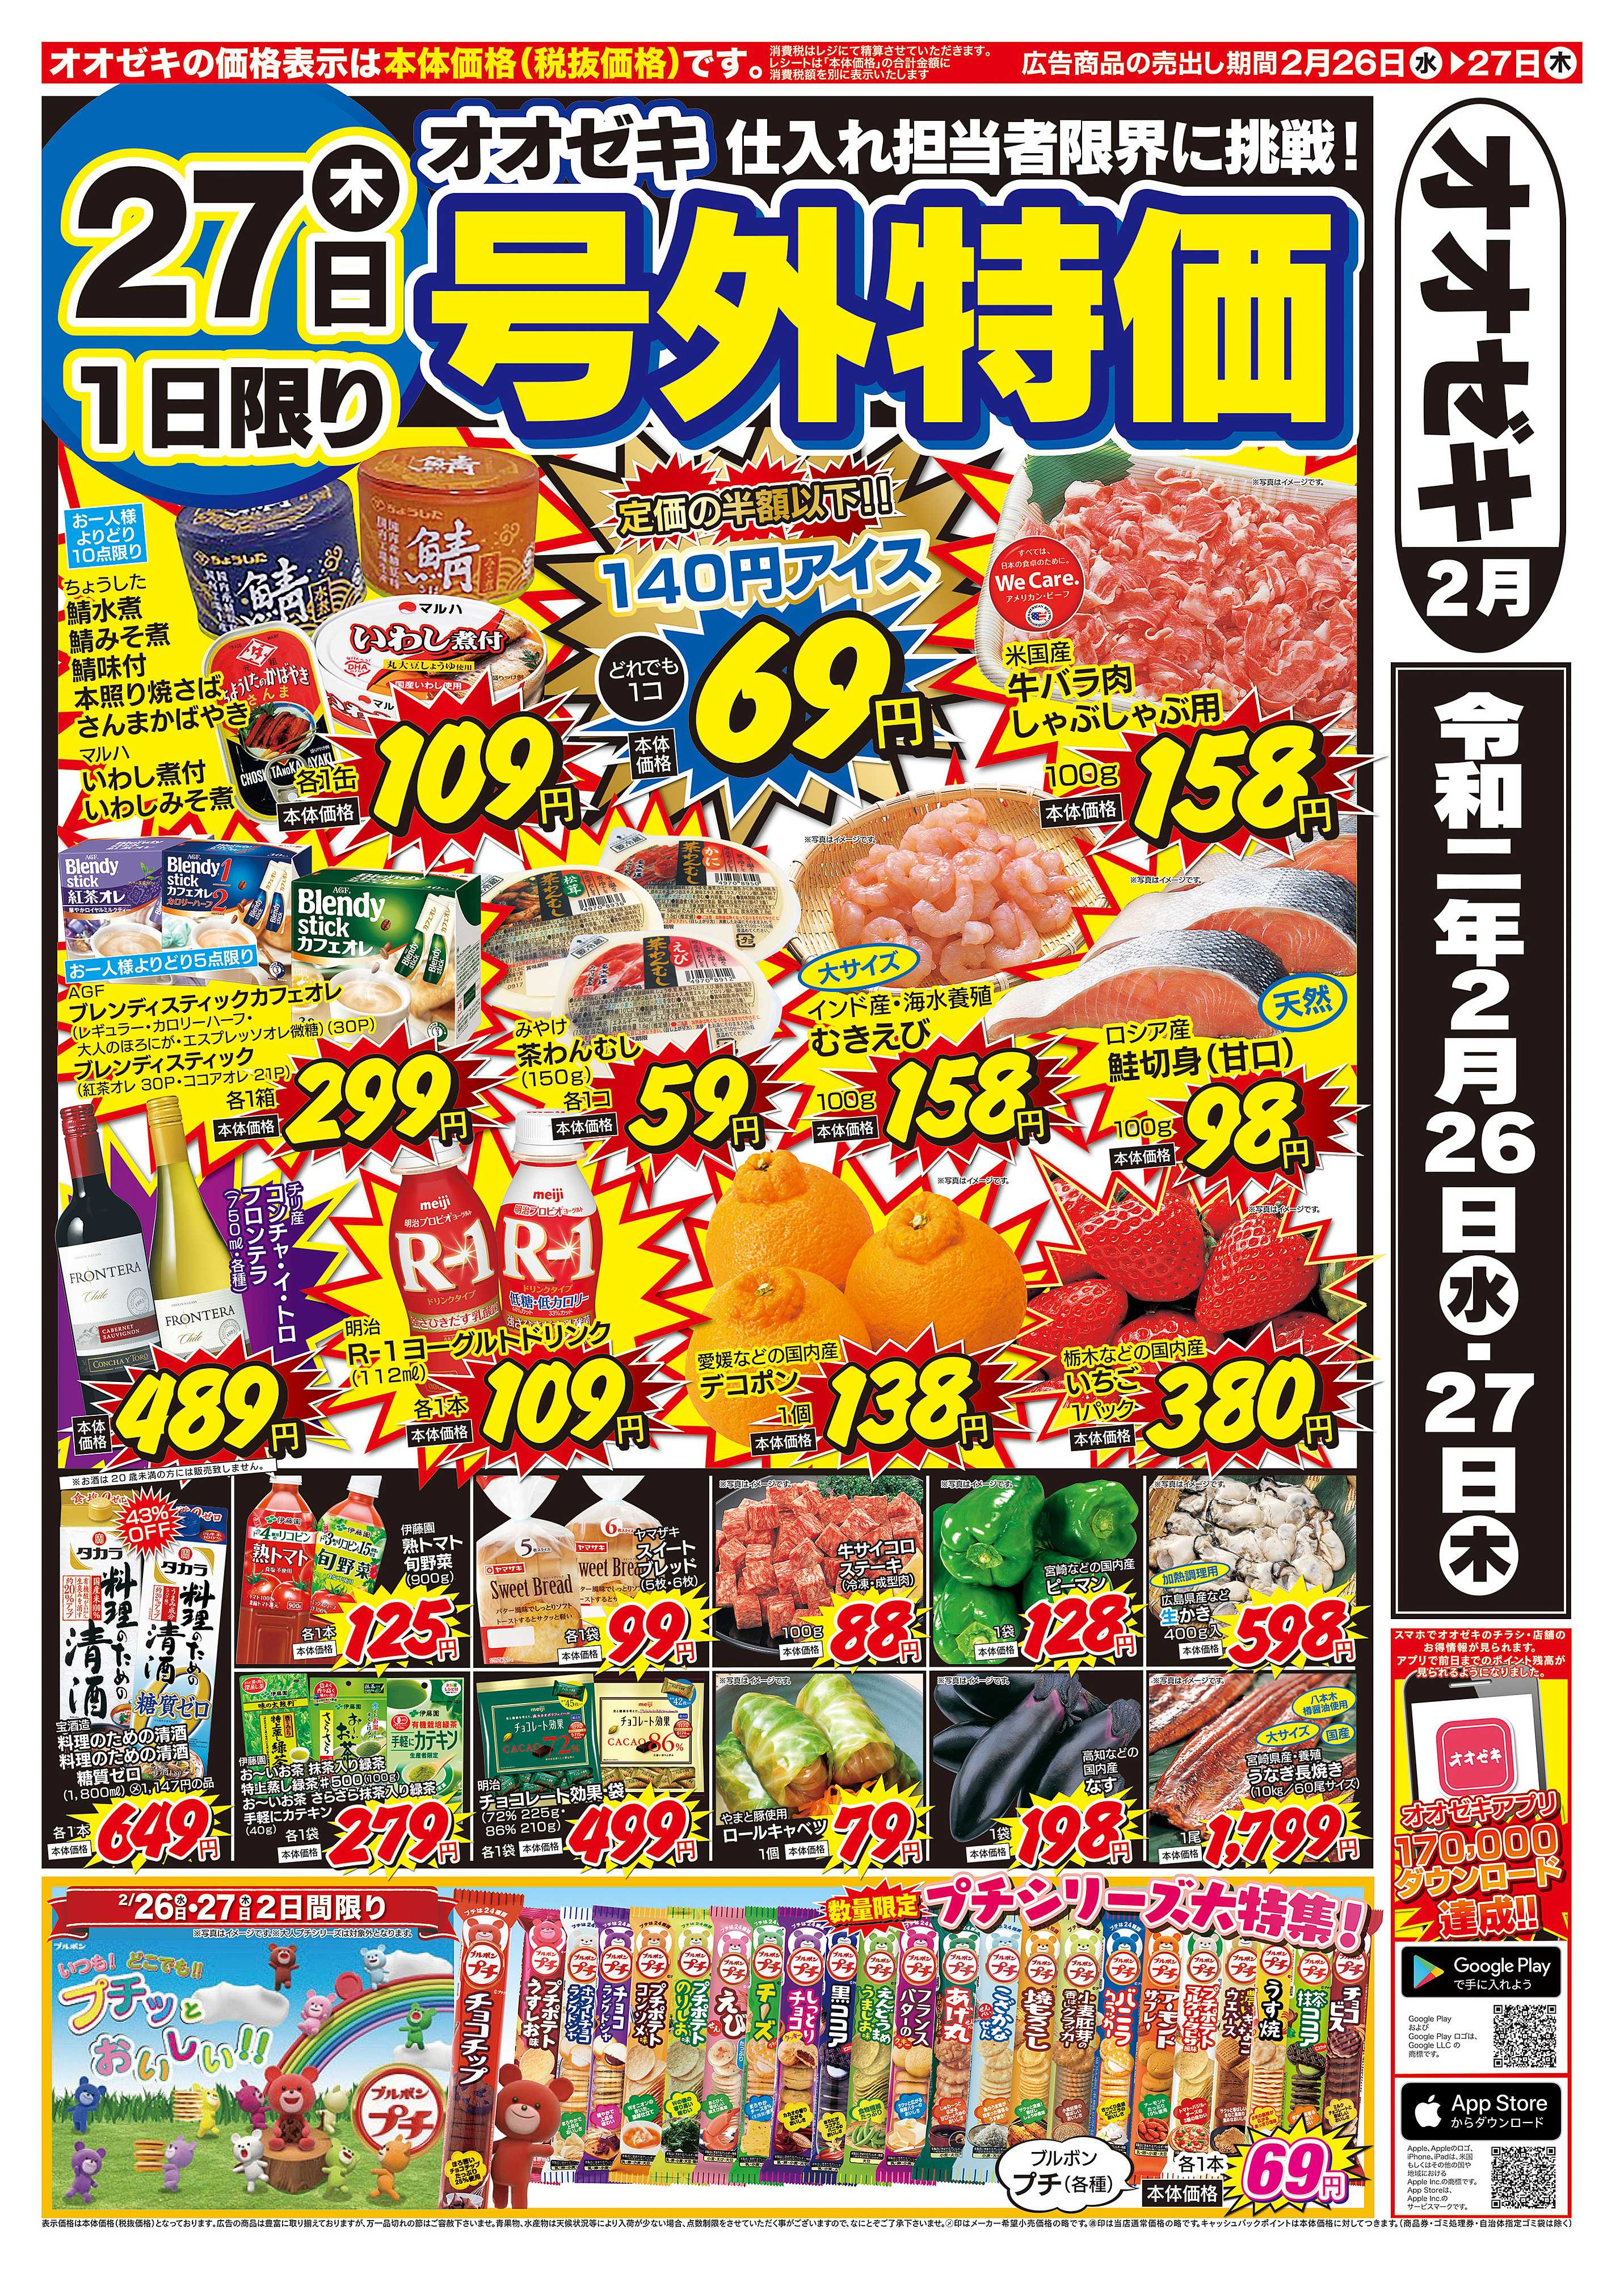 オオゼキ 2/26(水)〜27(木)2日間限り 号外特価